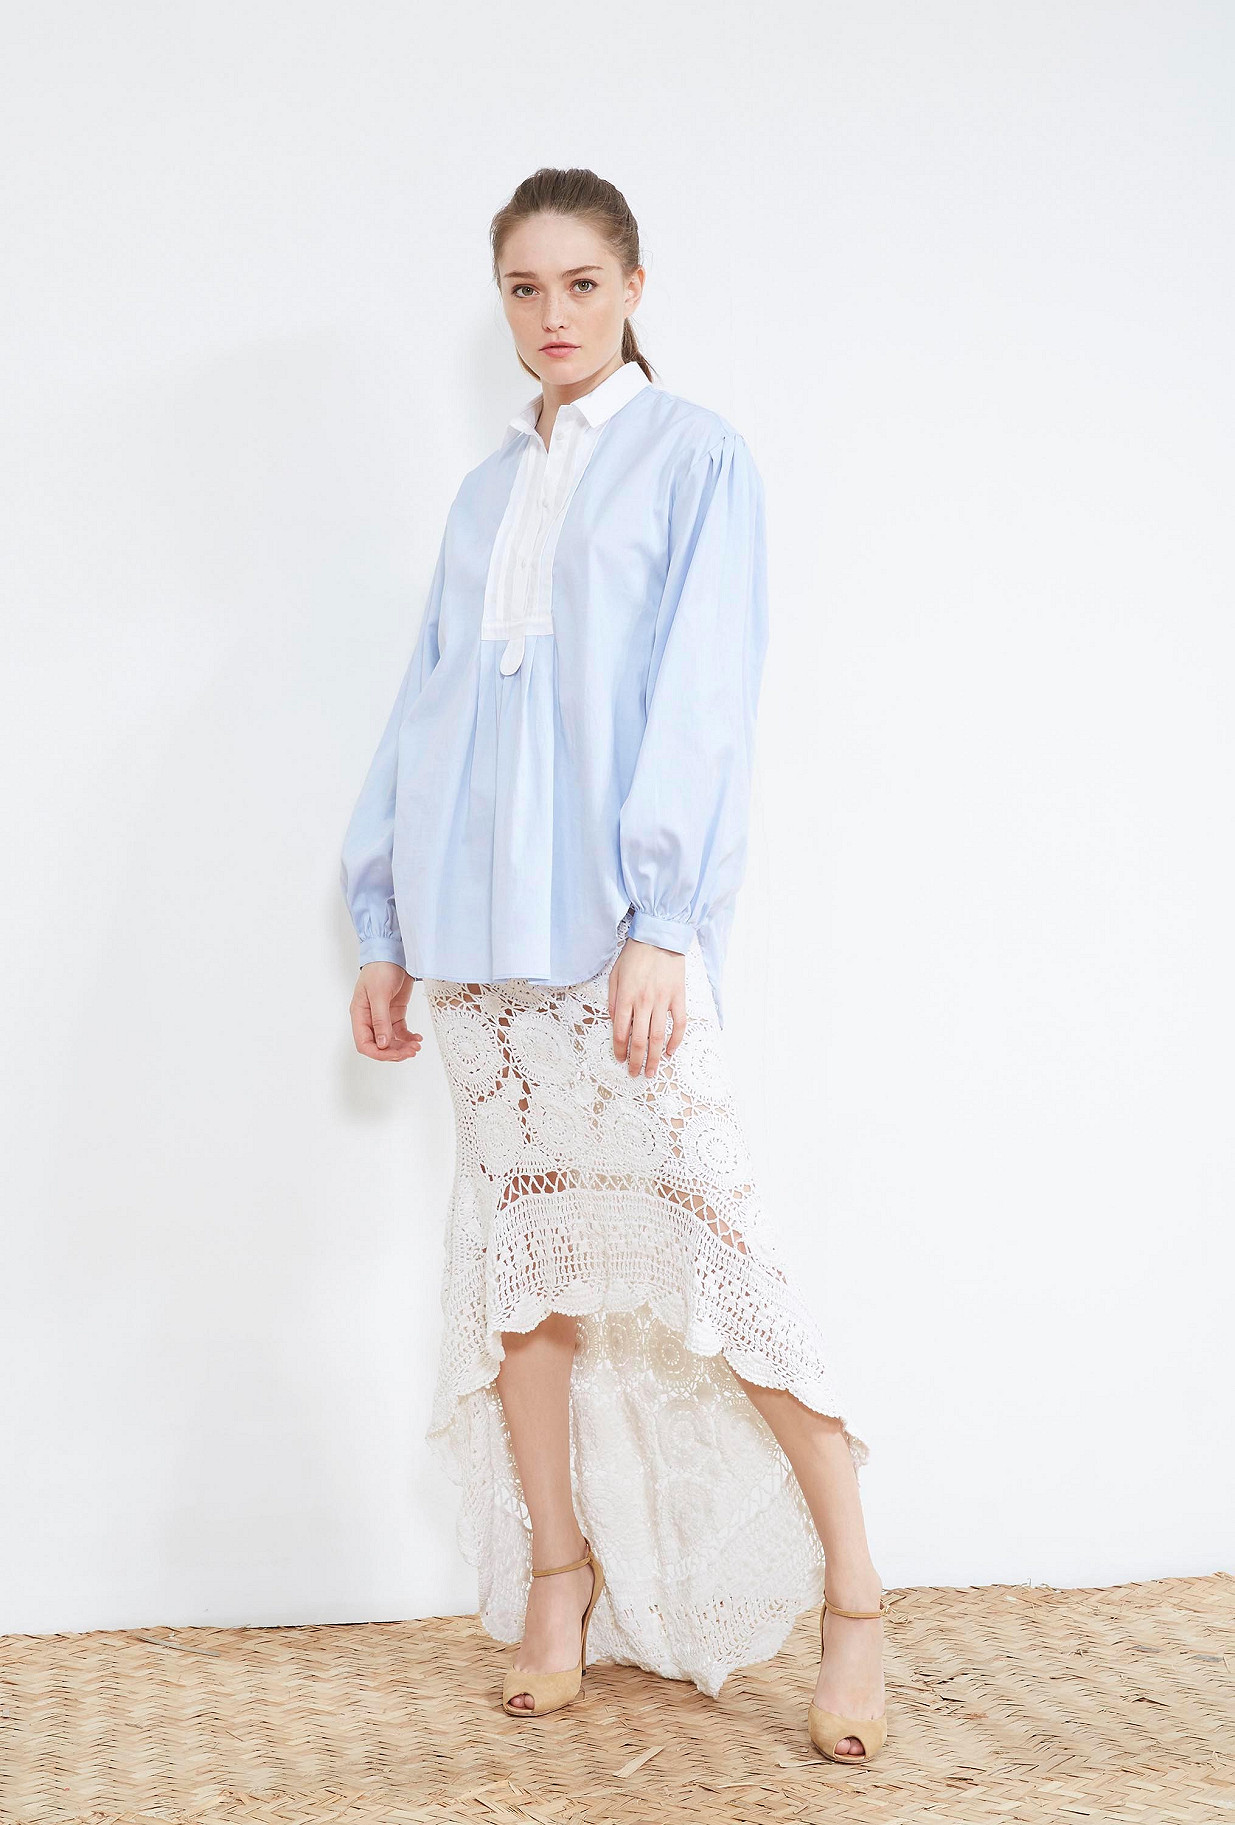 negozio di abbigliamento BLUSA Milka Paris